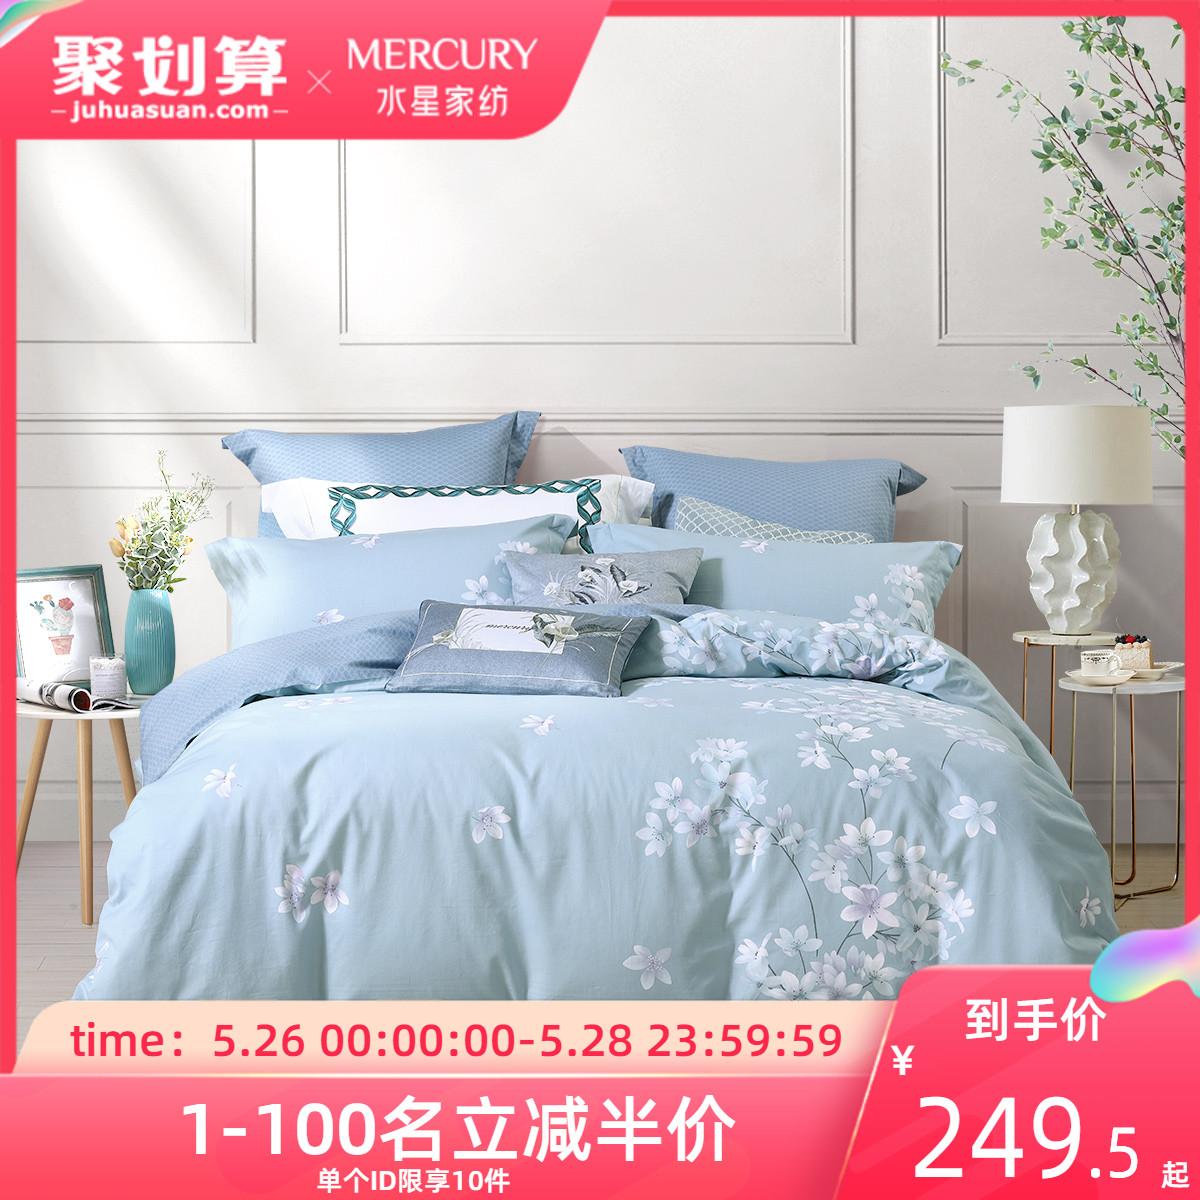 水星家纺全棉纯棉印花四件套床上用品蓝色被套花舞幽然 床上用品图片